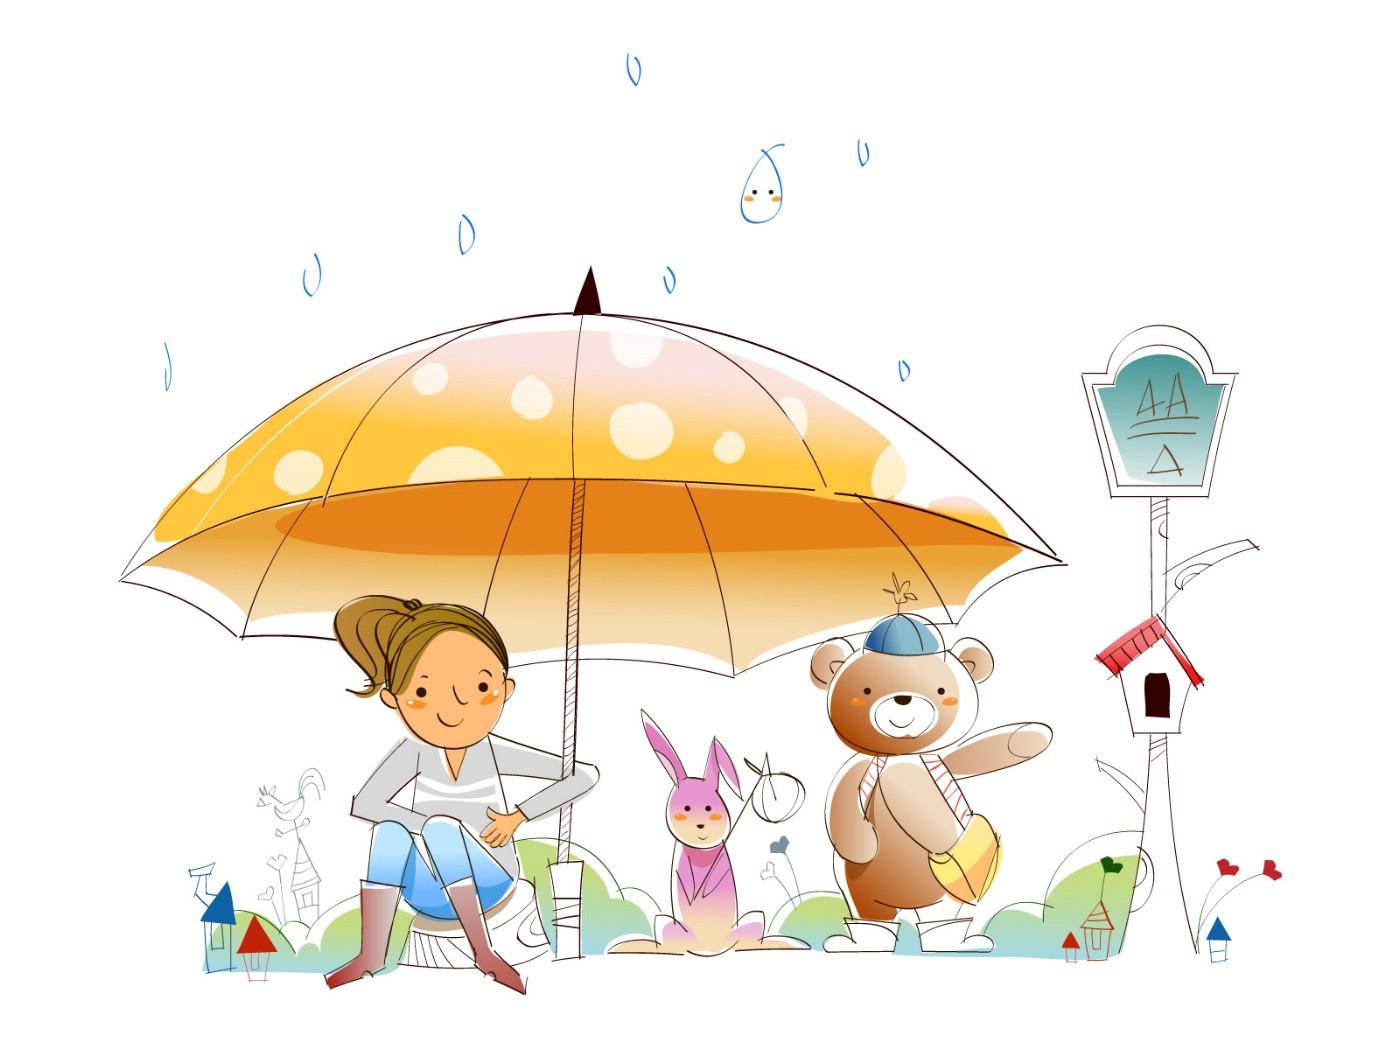 伞的简笔画图片